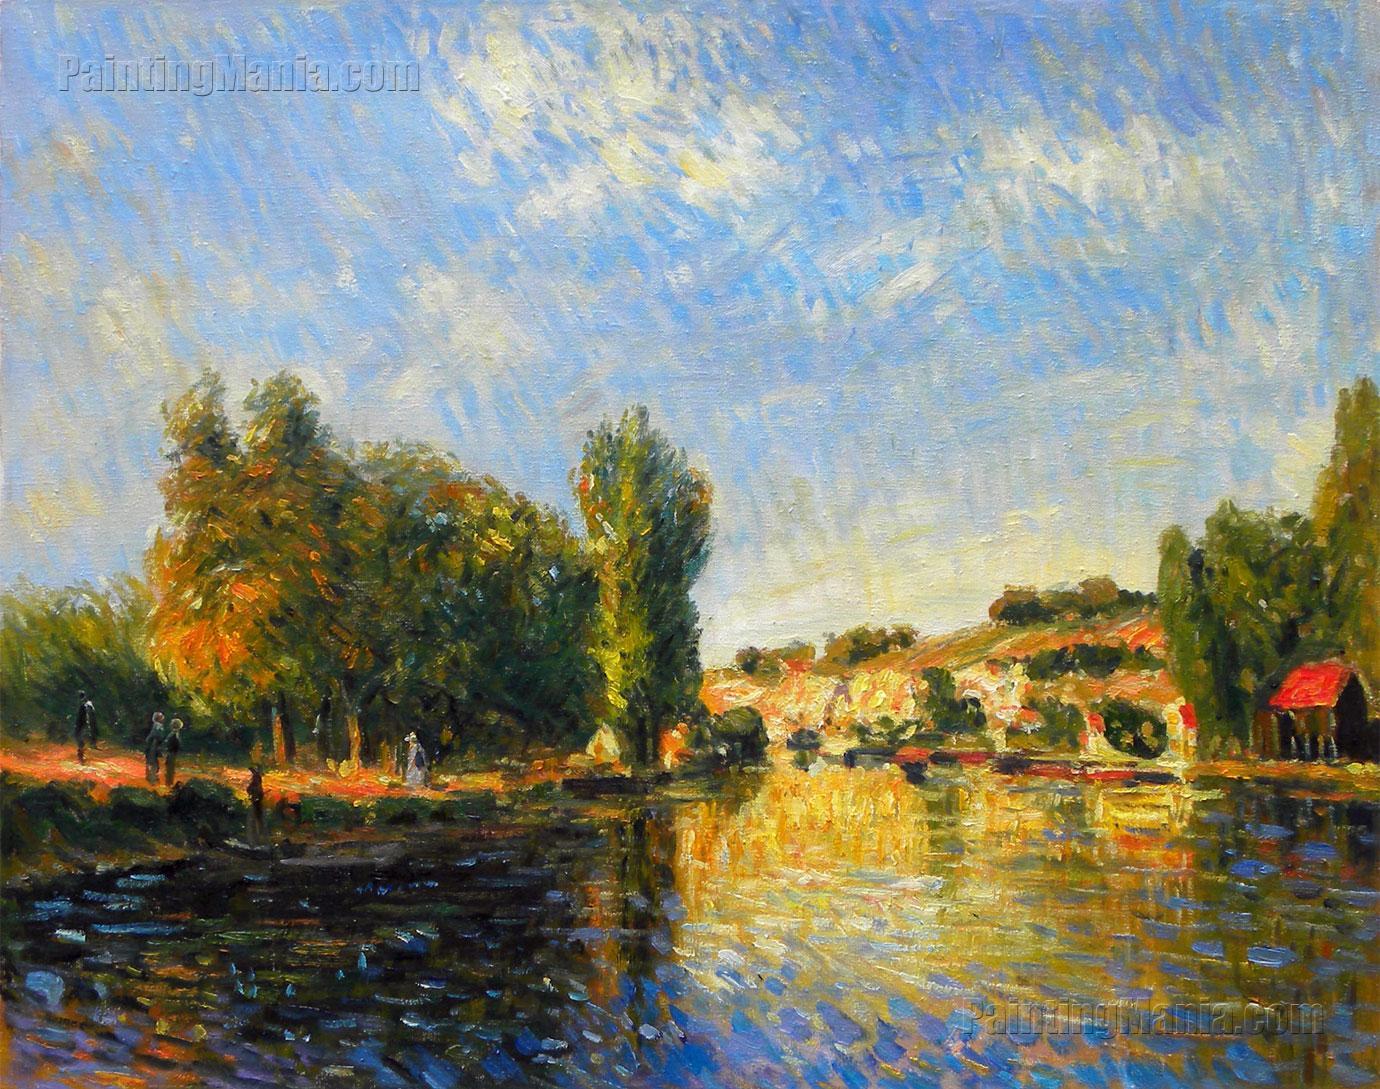 Landscape Emil Carlsen Paintings